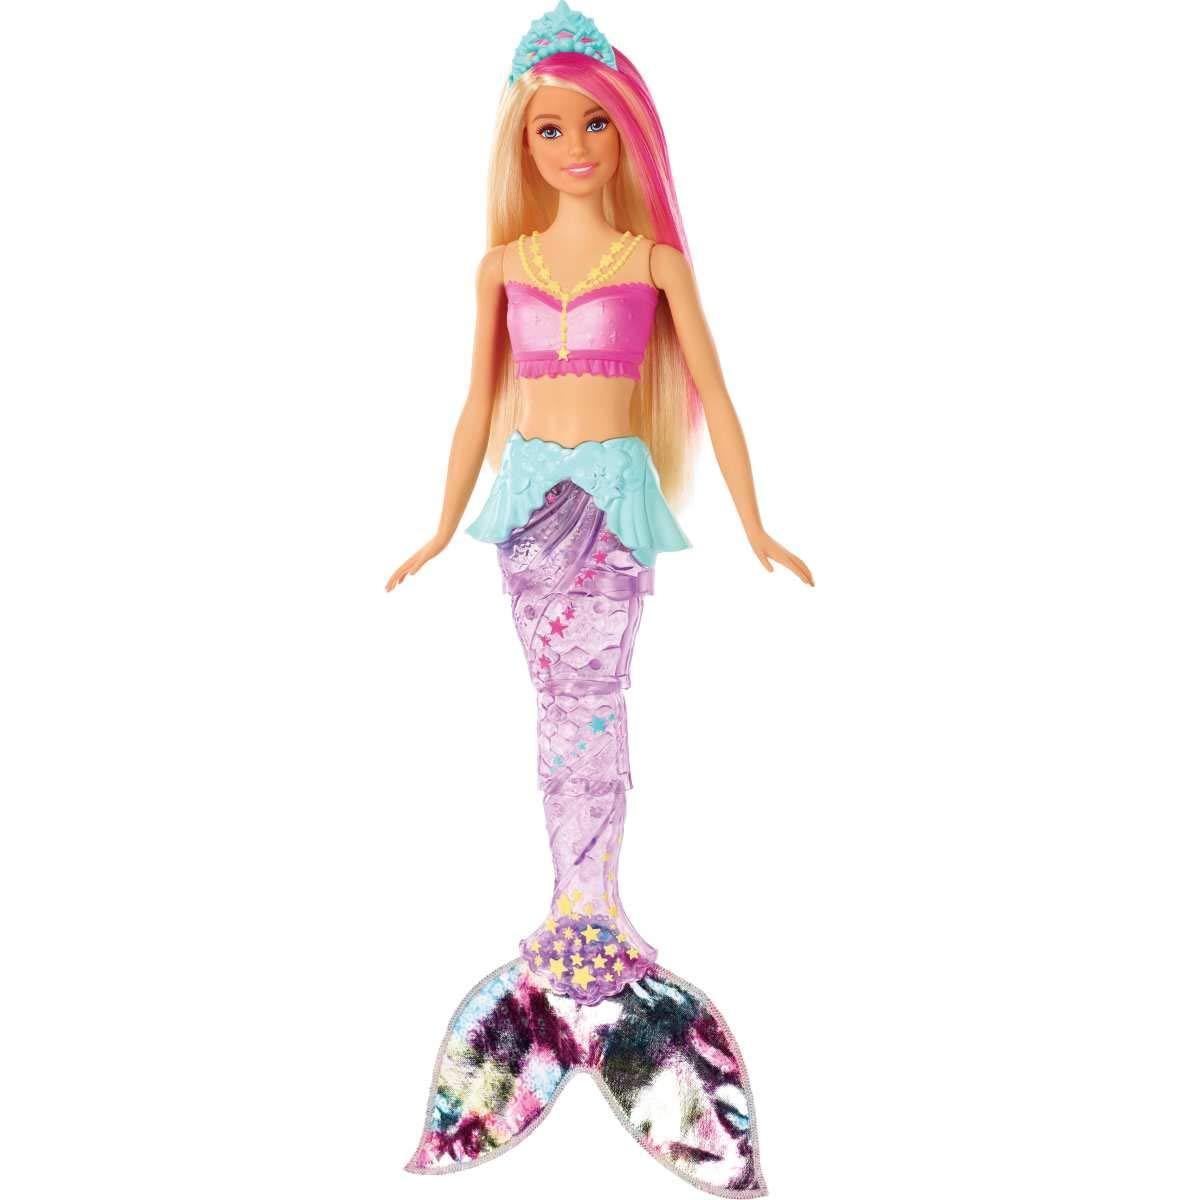 Papusa Barbie Dreamtopia - Sirena cu lumini